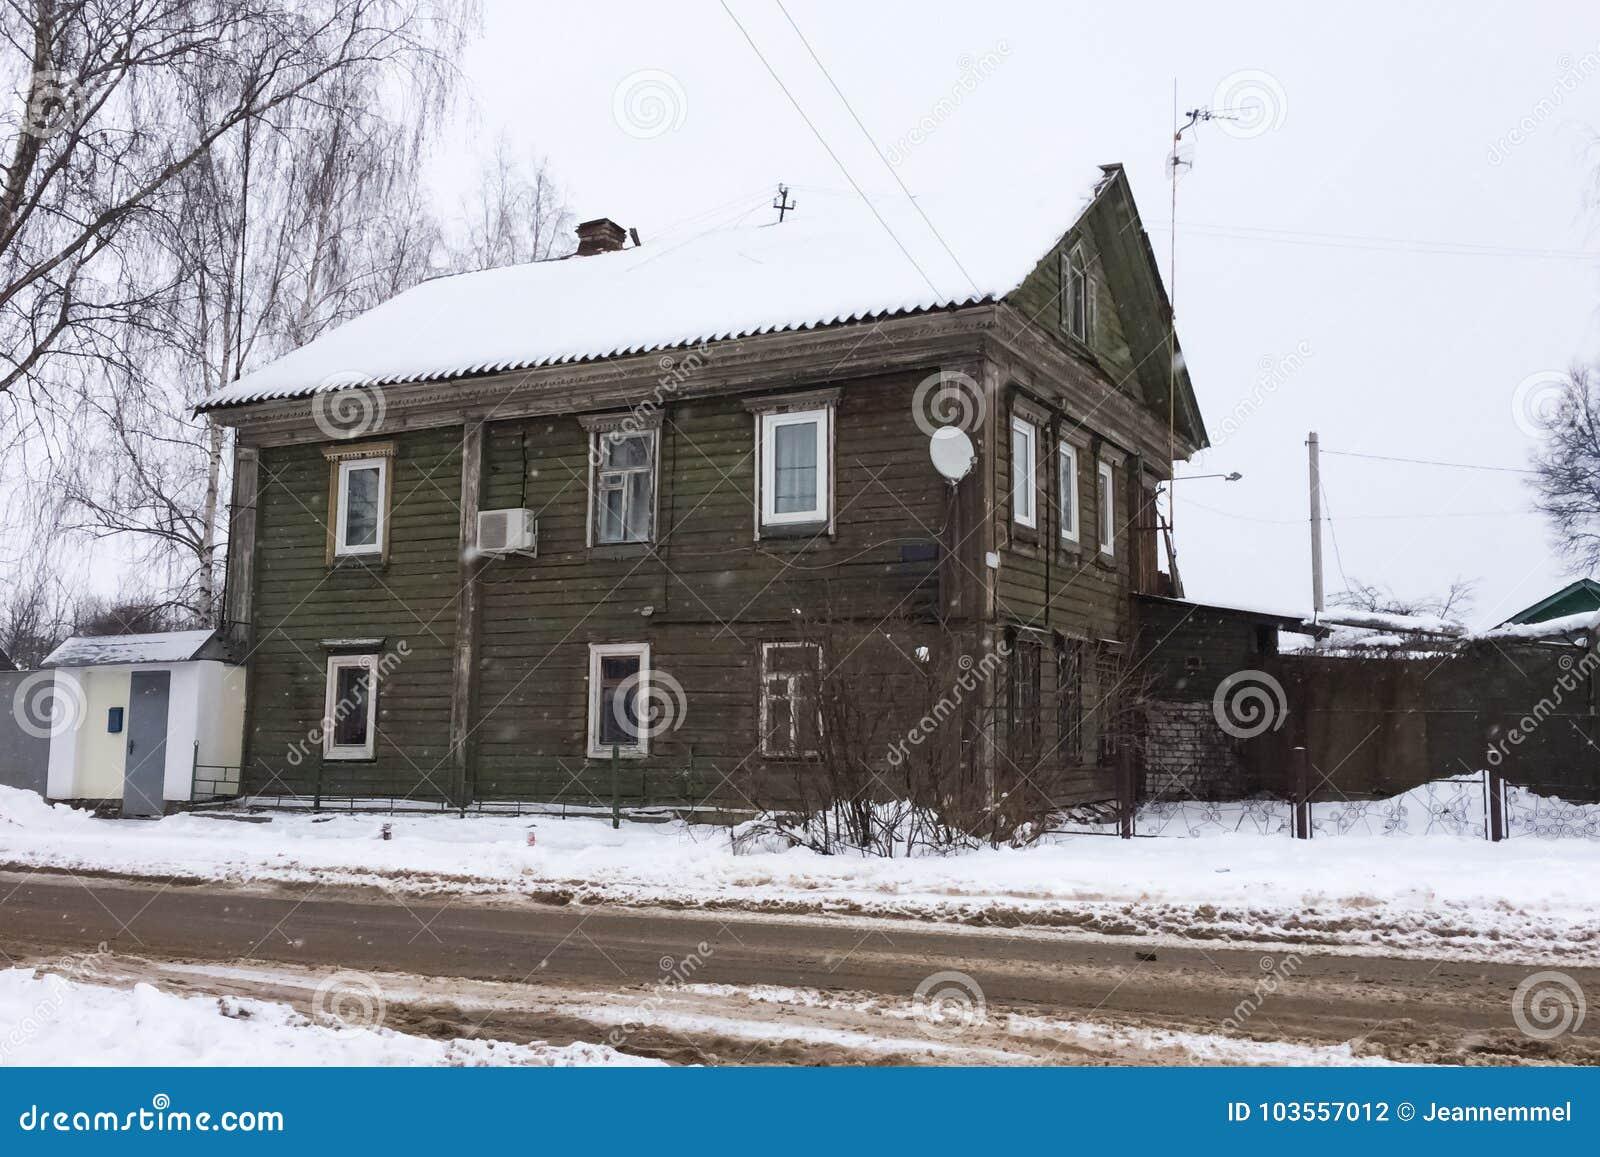 Anspruchsvoll Russisches Holzhaus Ideen Von Pattern Traditionelles Im Winter Stockfoto - Bild